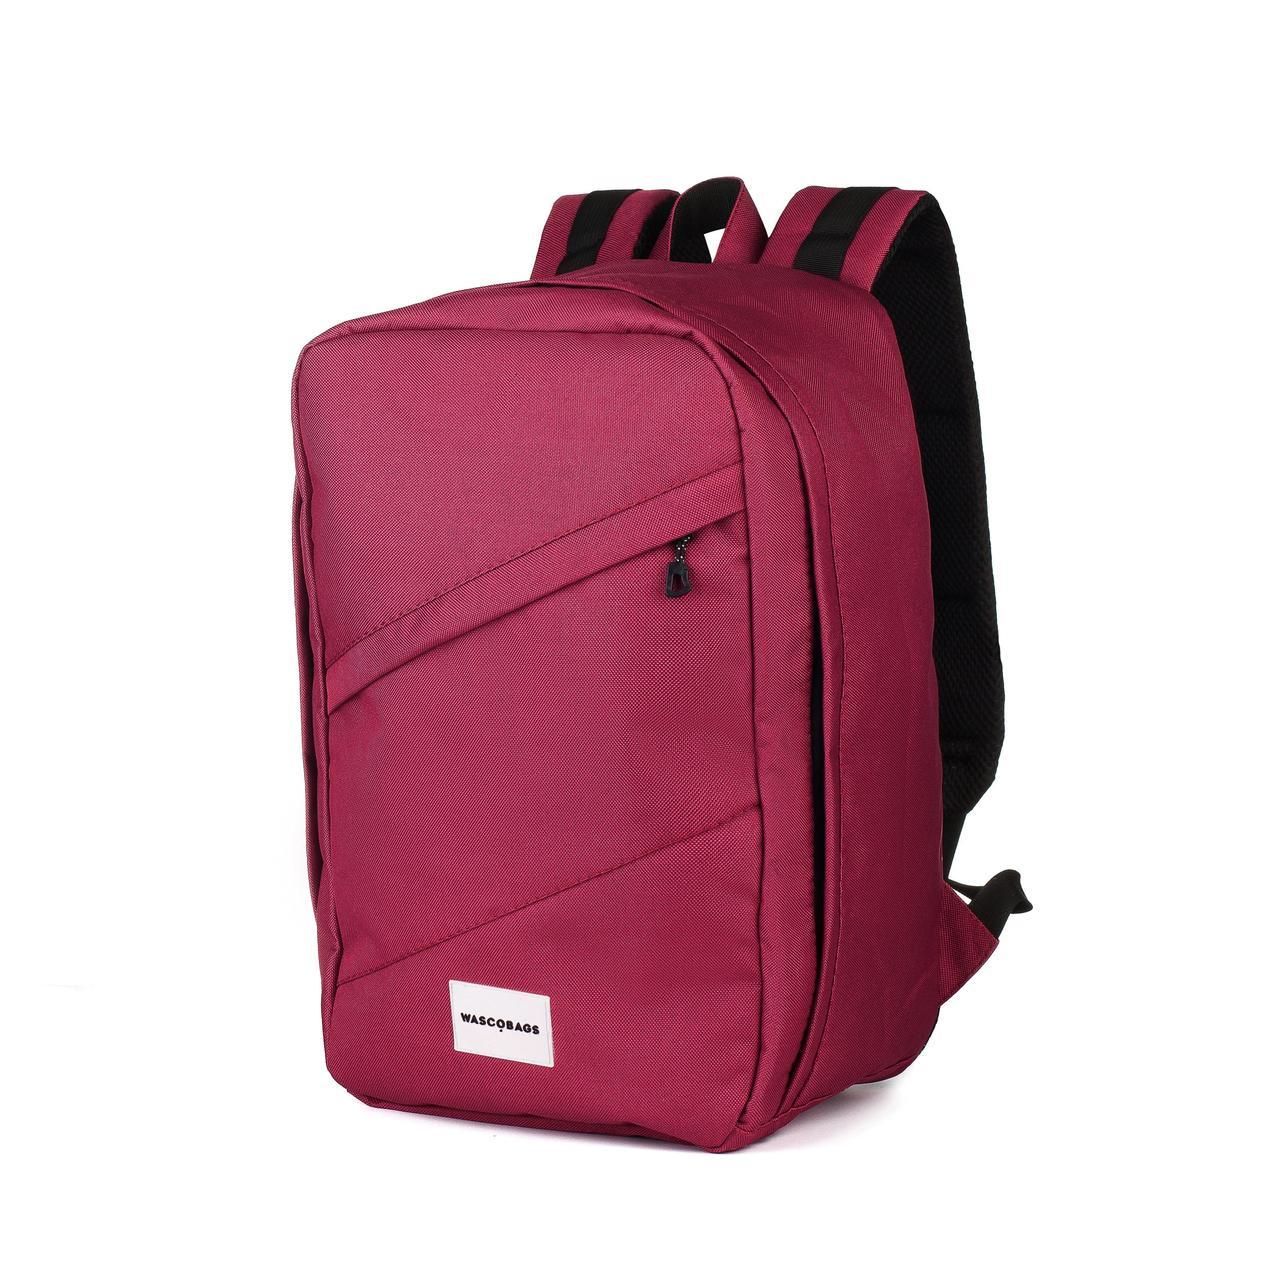 Рюкзак для ручной клади Wascobags 40x20x25 RW Вишня